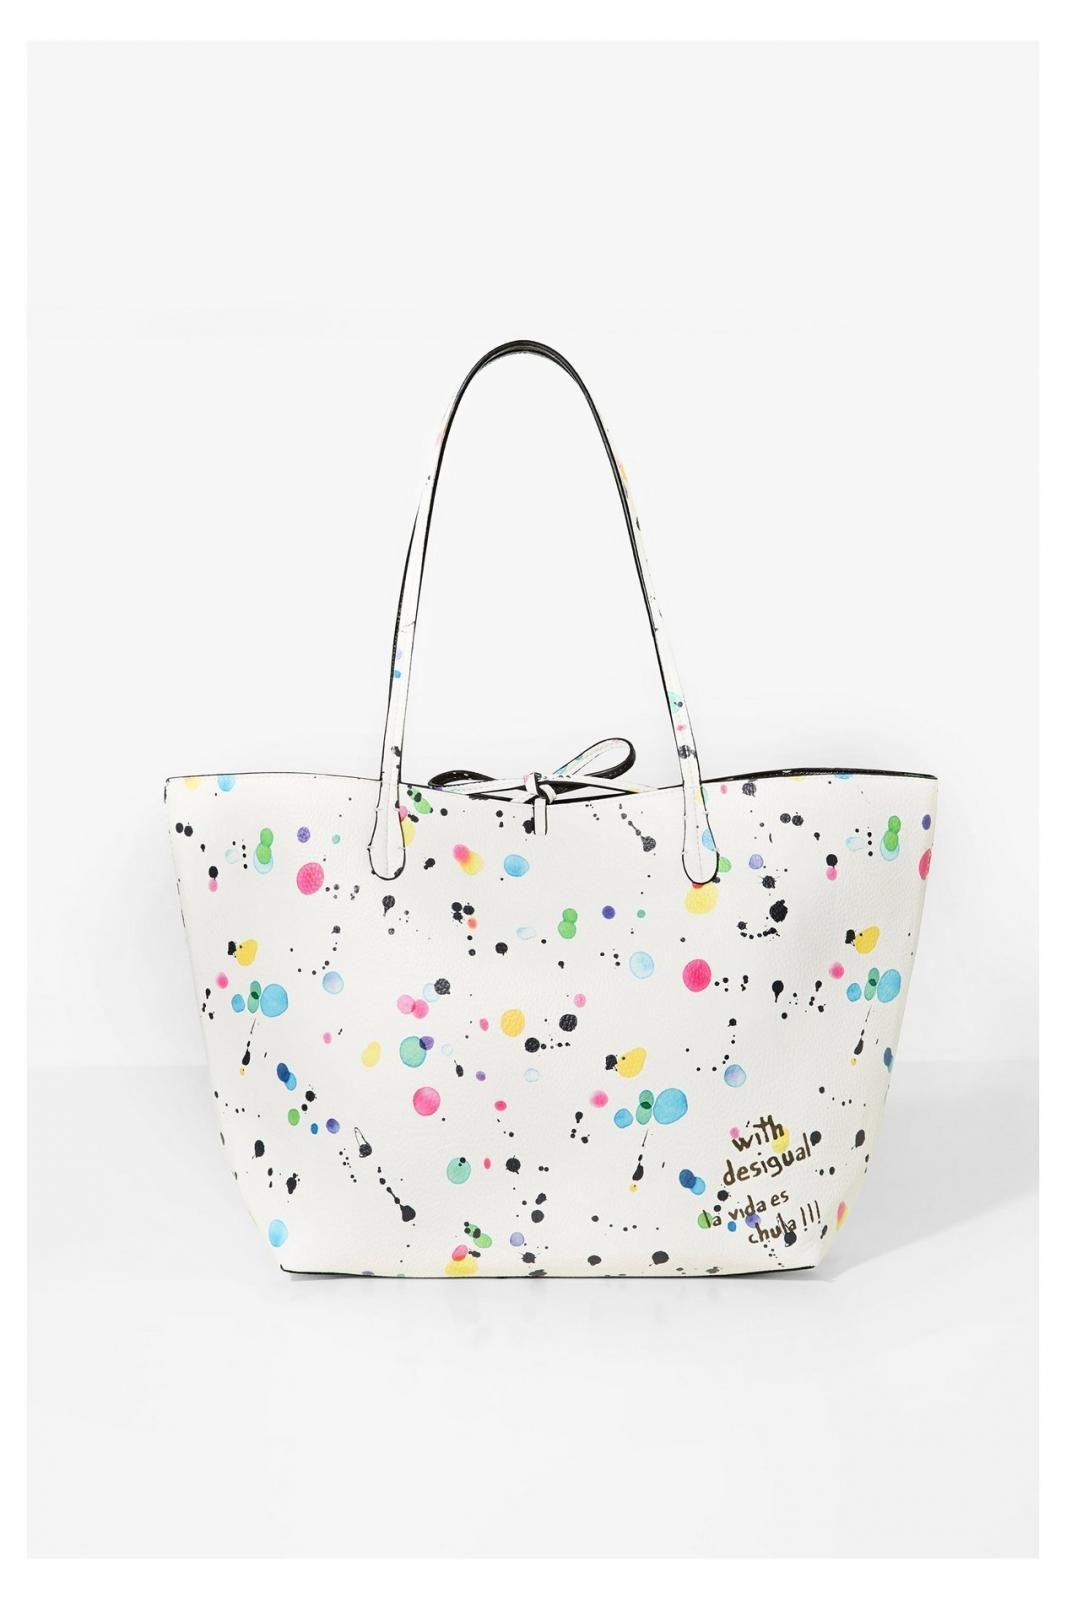 Splatter Capri 95 59 71x9eg9 1000 Shopper New Desigual nN80mw